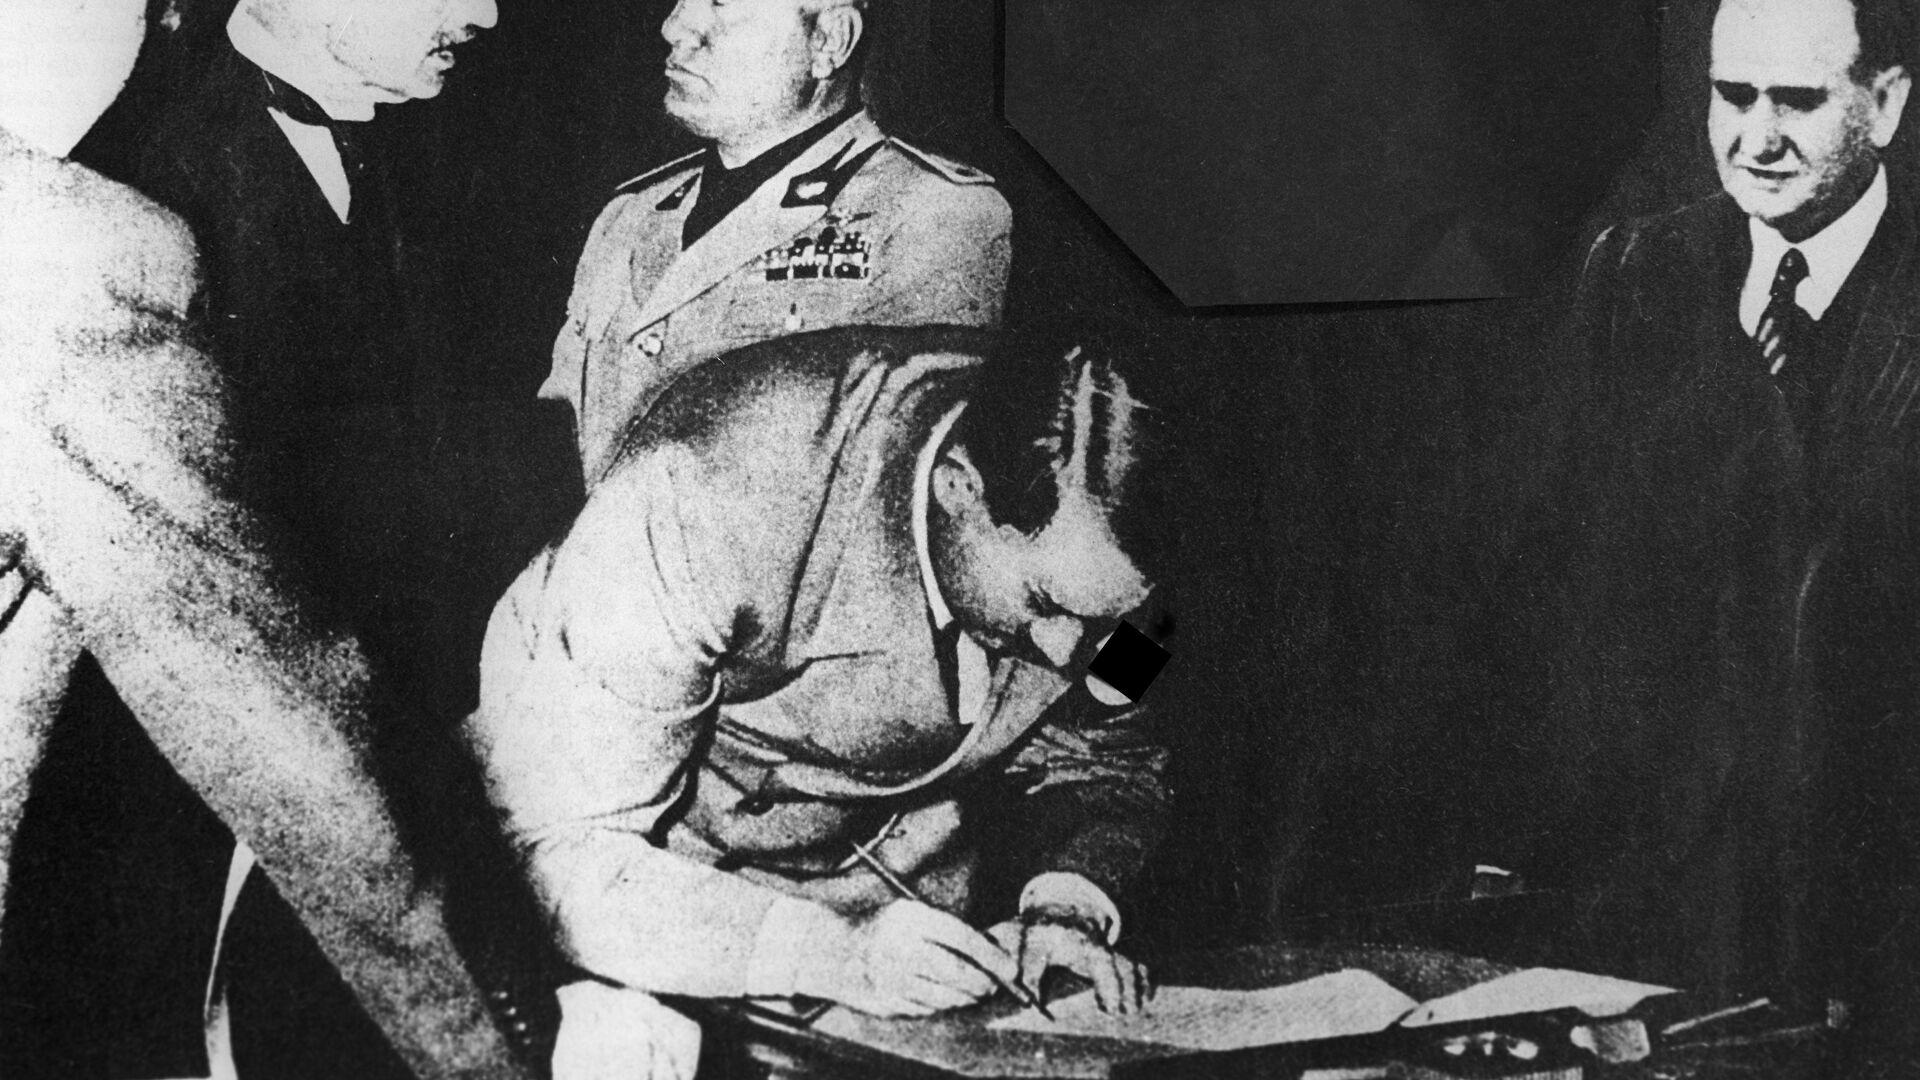 Рейхсканцлер Германии Адольф Гитлер подписывает Мюнхенское соглашение 1938 года о разделе Чехословакии - РИА Новости, 1920, 26.01.2021